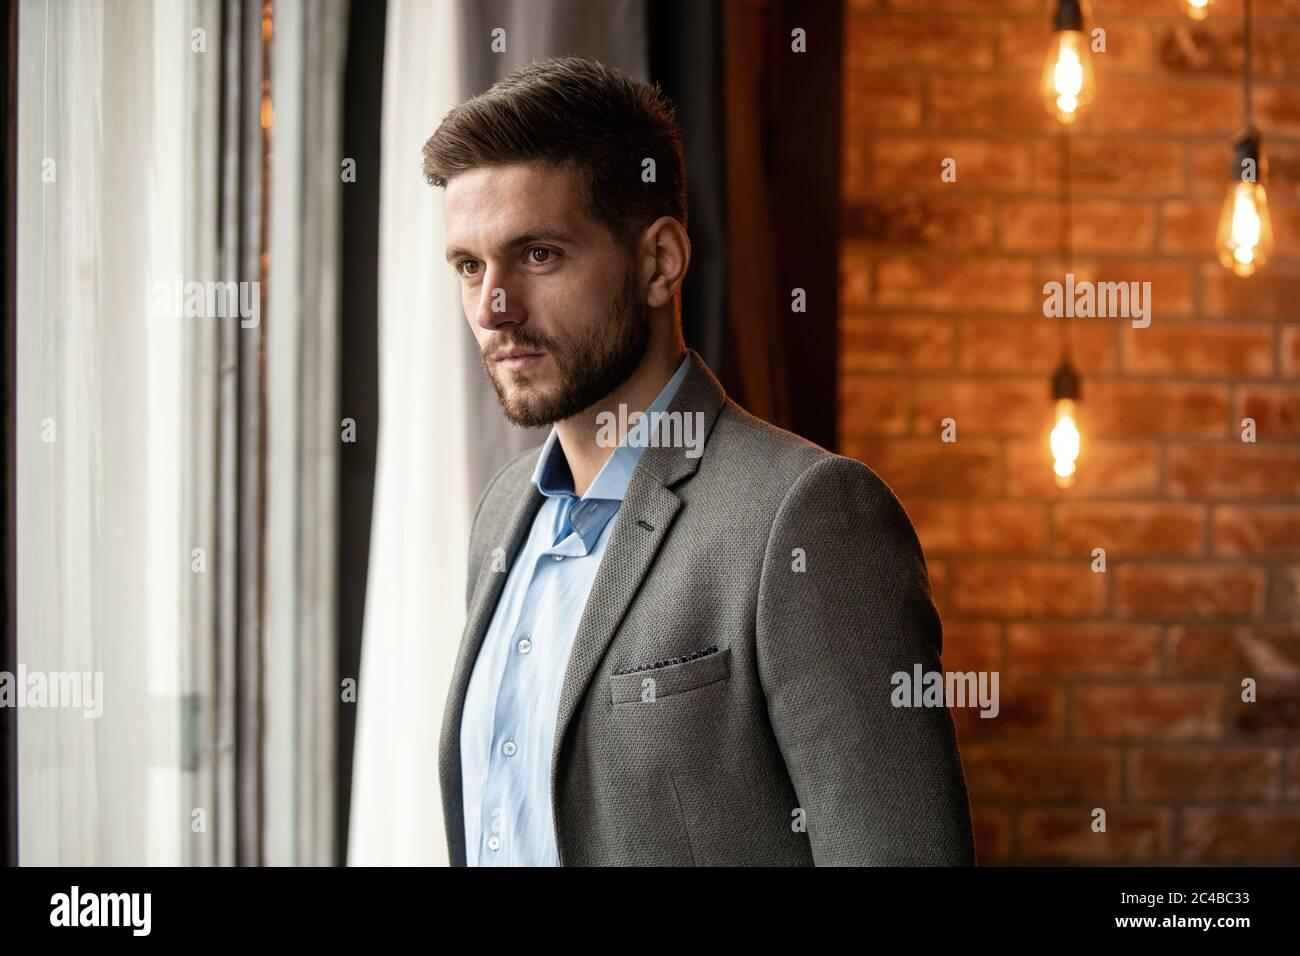 Hombre de negocios pensando en la oficina mirando a través de la ventana. Foto de stock